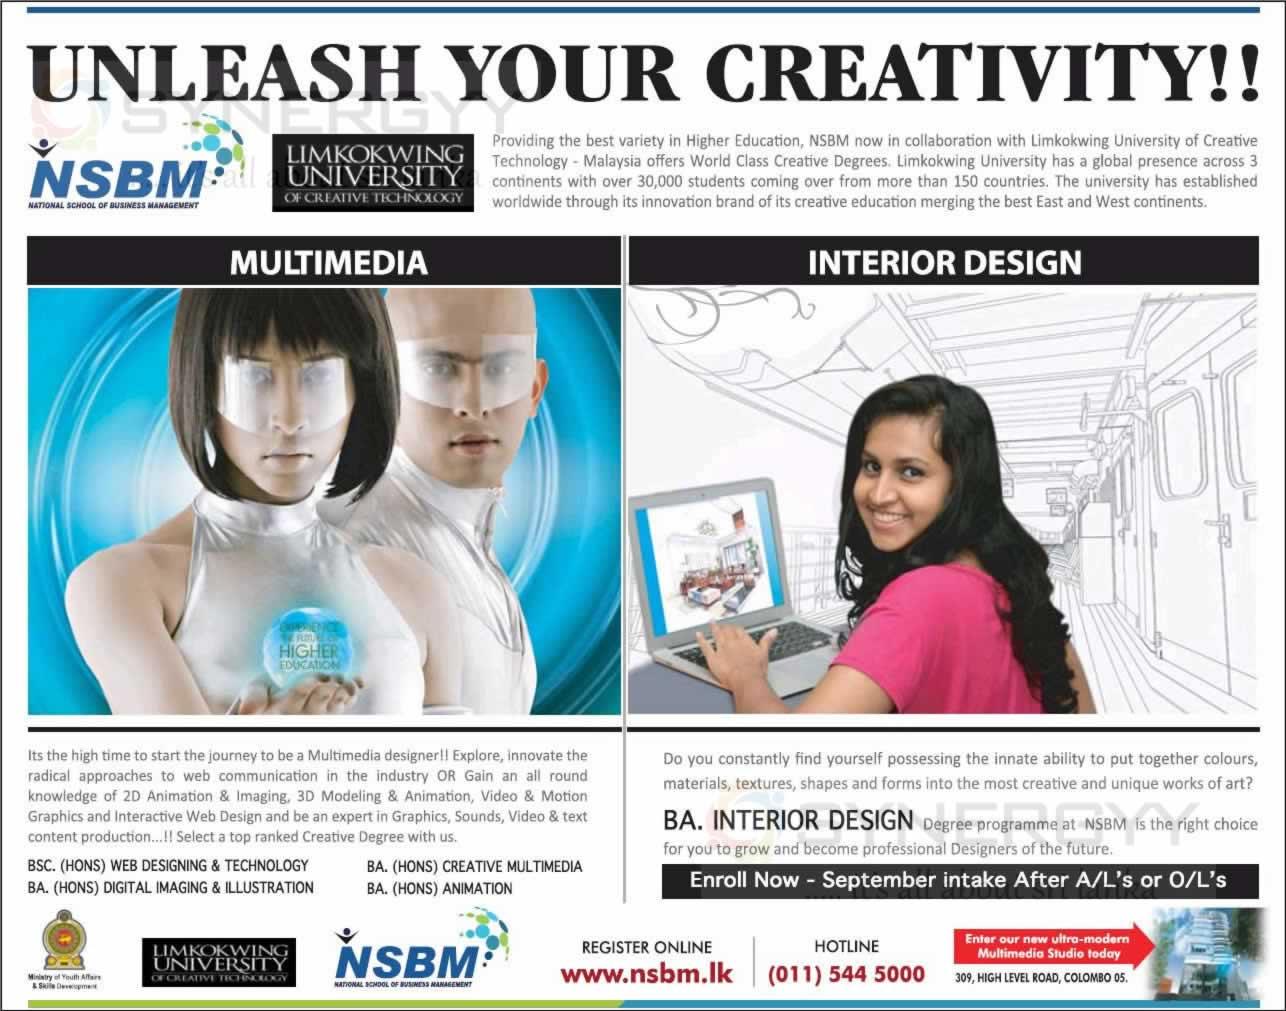 Nsbm Degree Programme For Multimedia Interior Design September 2013 Intakes Synergyy